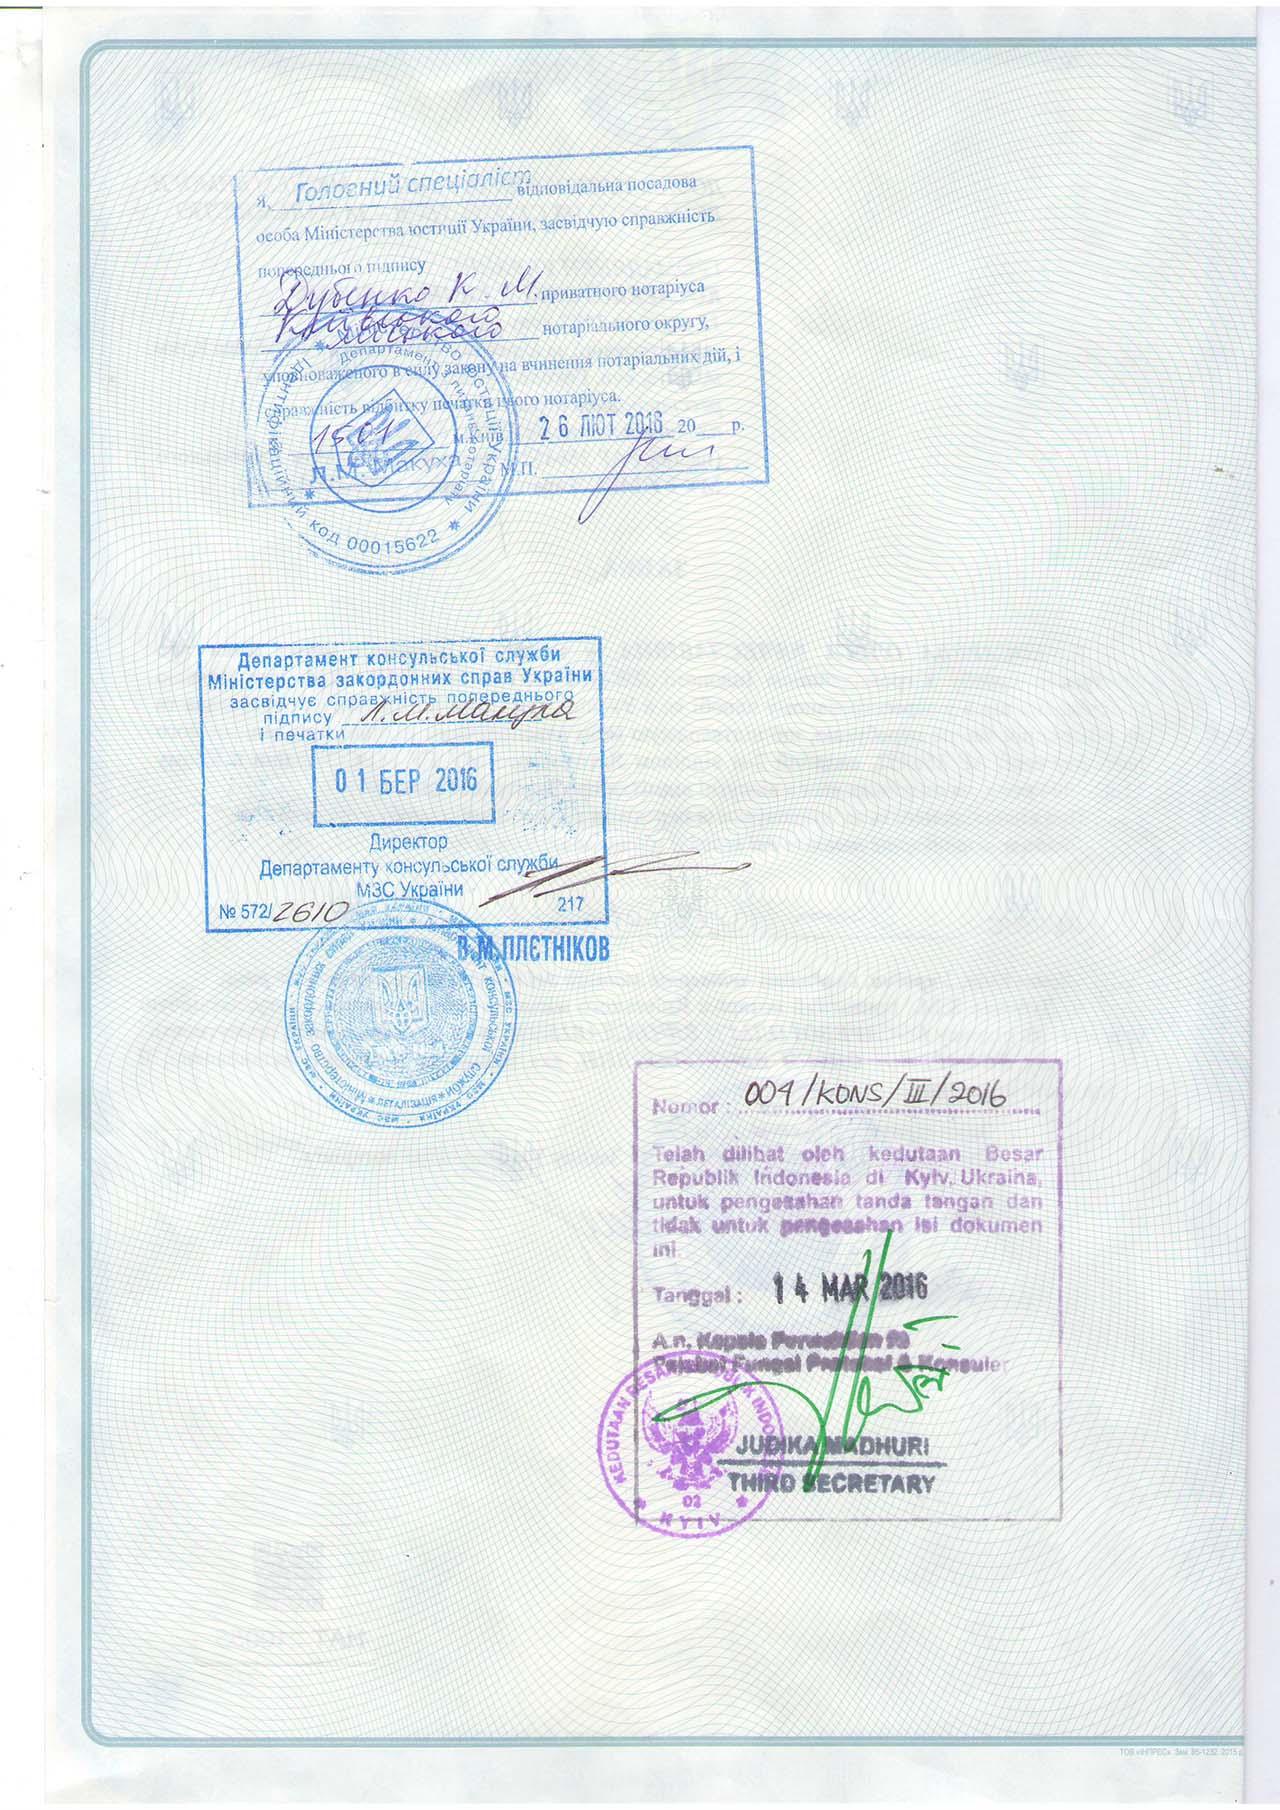 Образец консульской легализации для Индонезии - Справка Информ